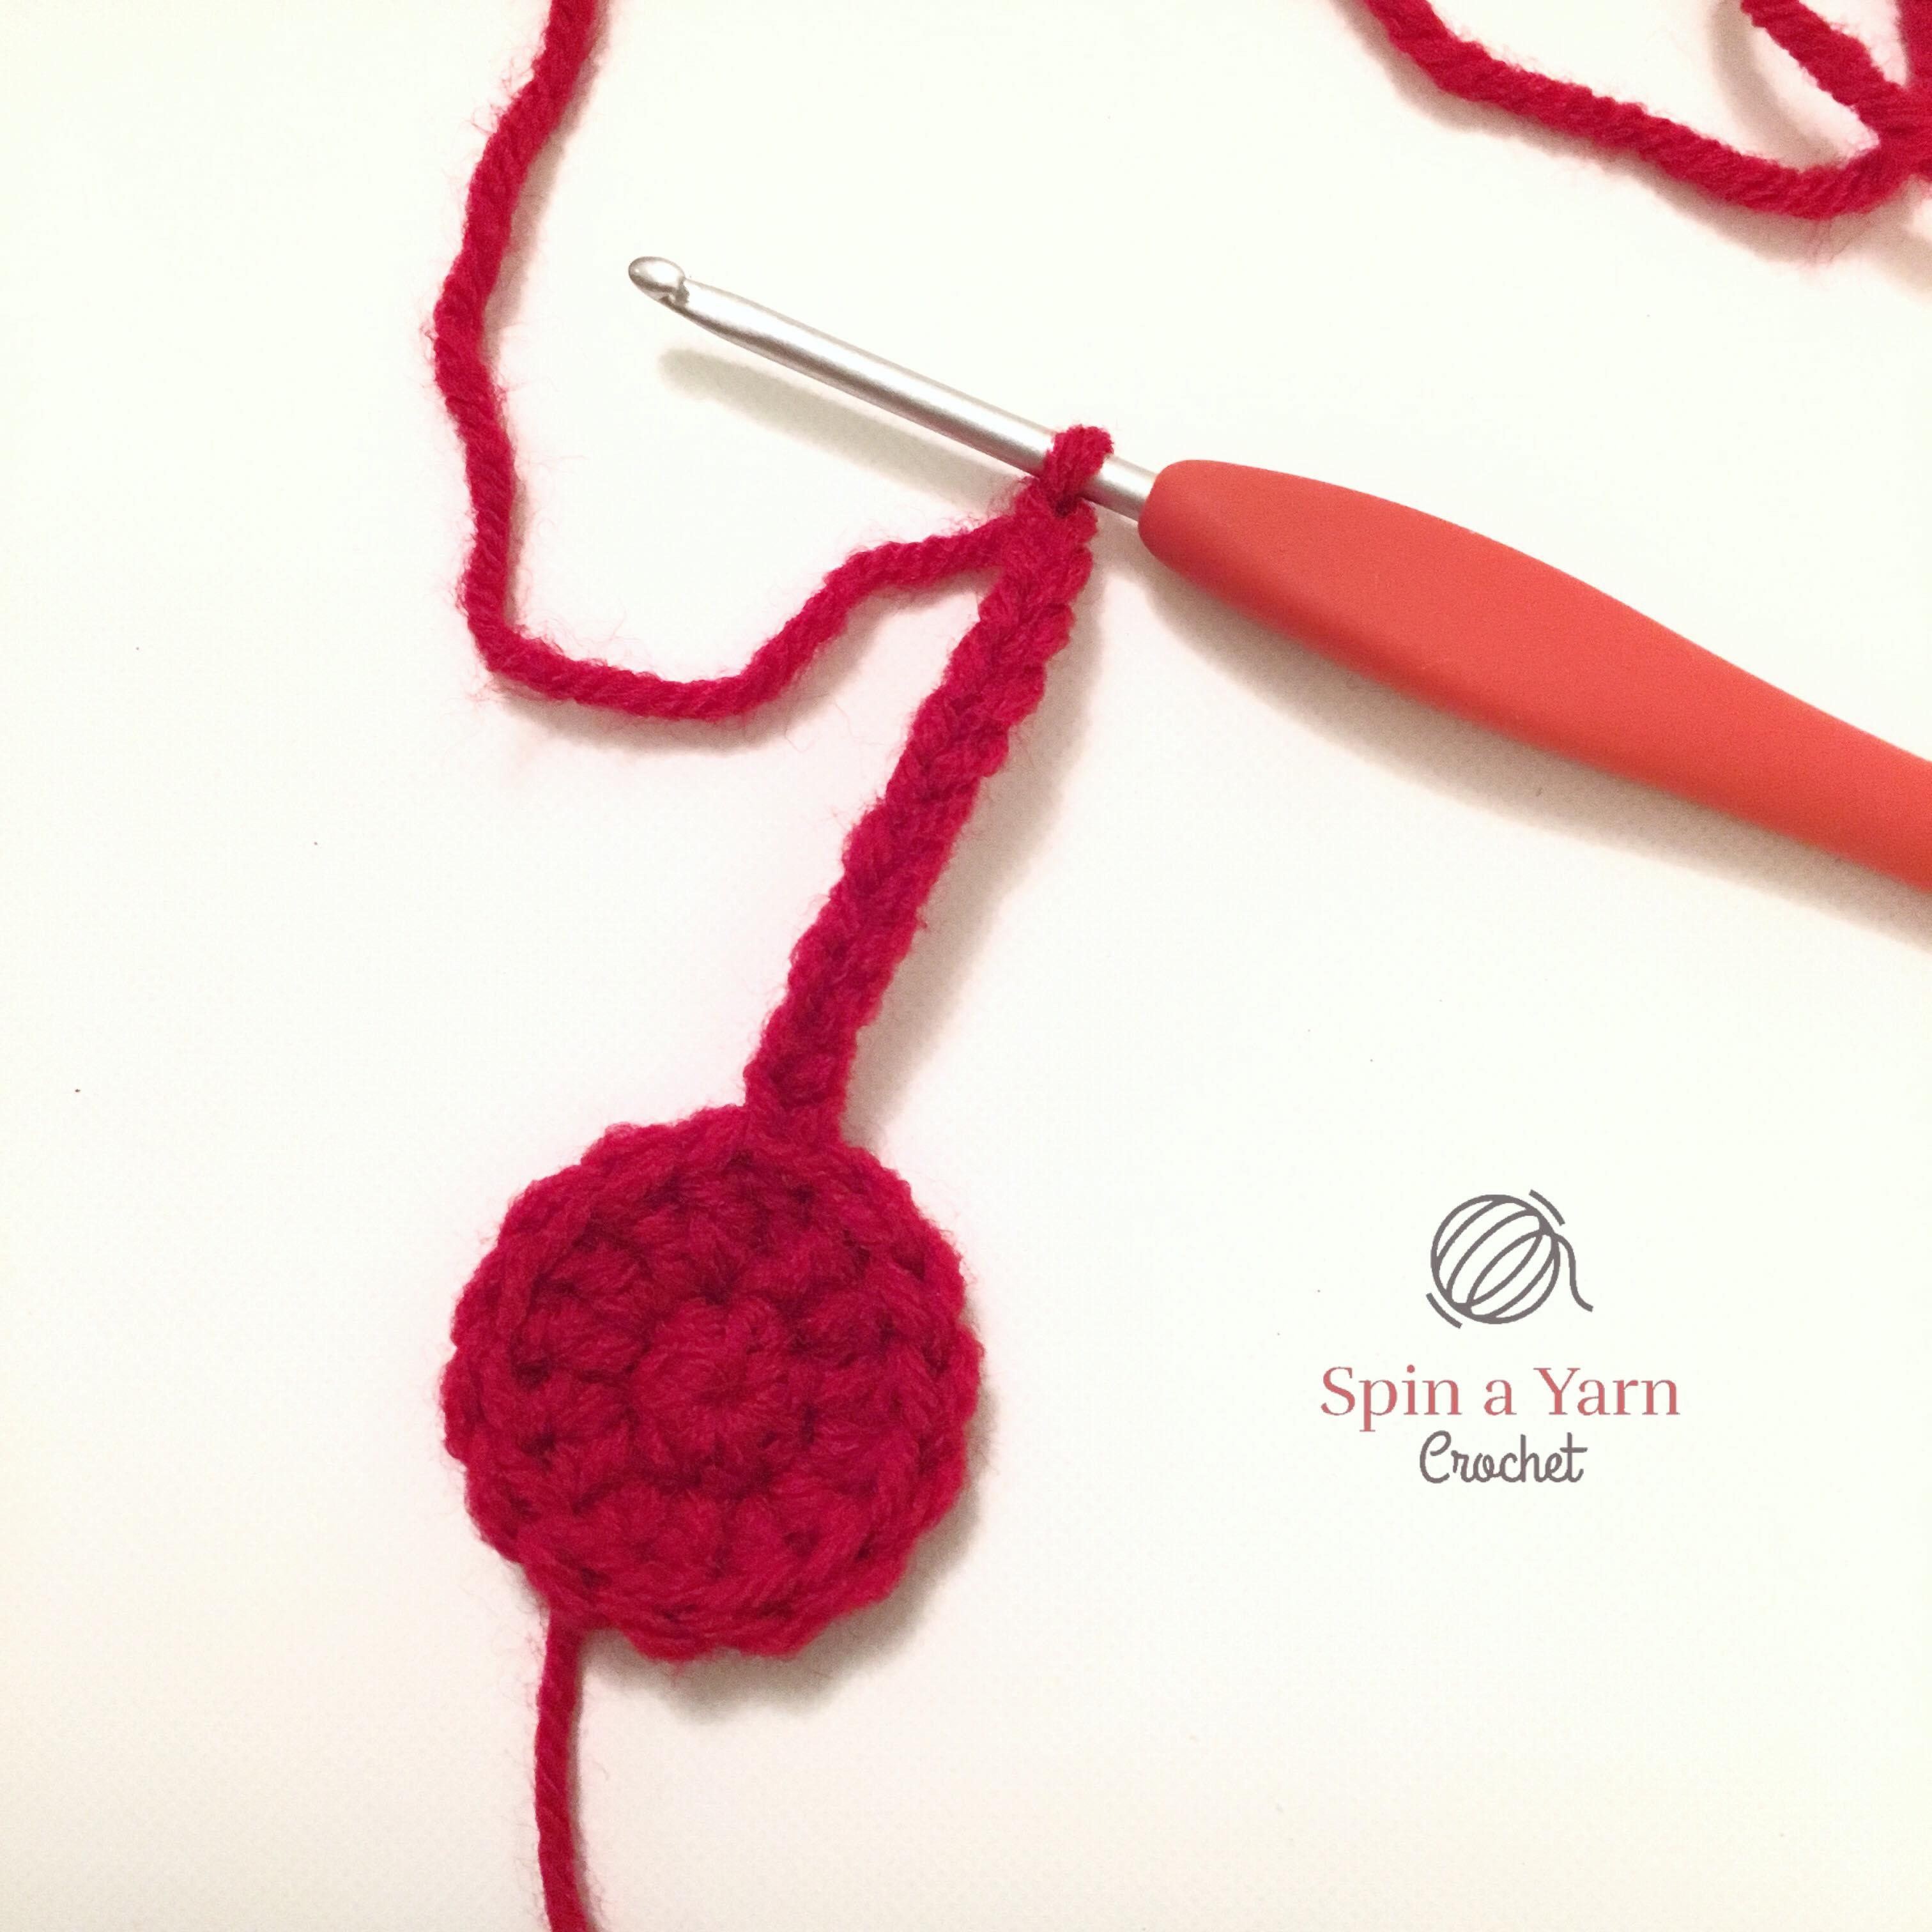 Crochet curling handle